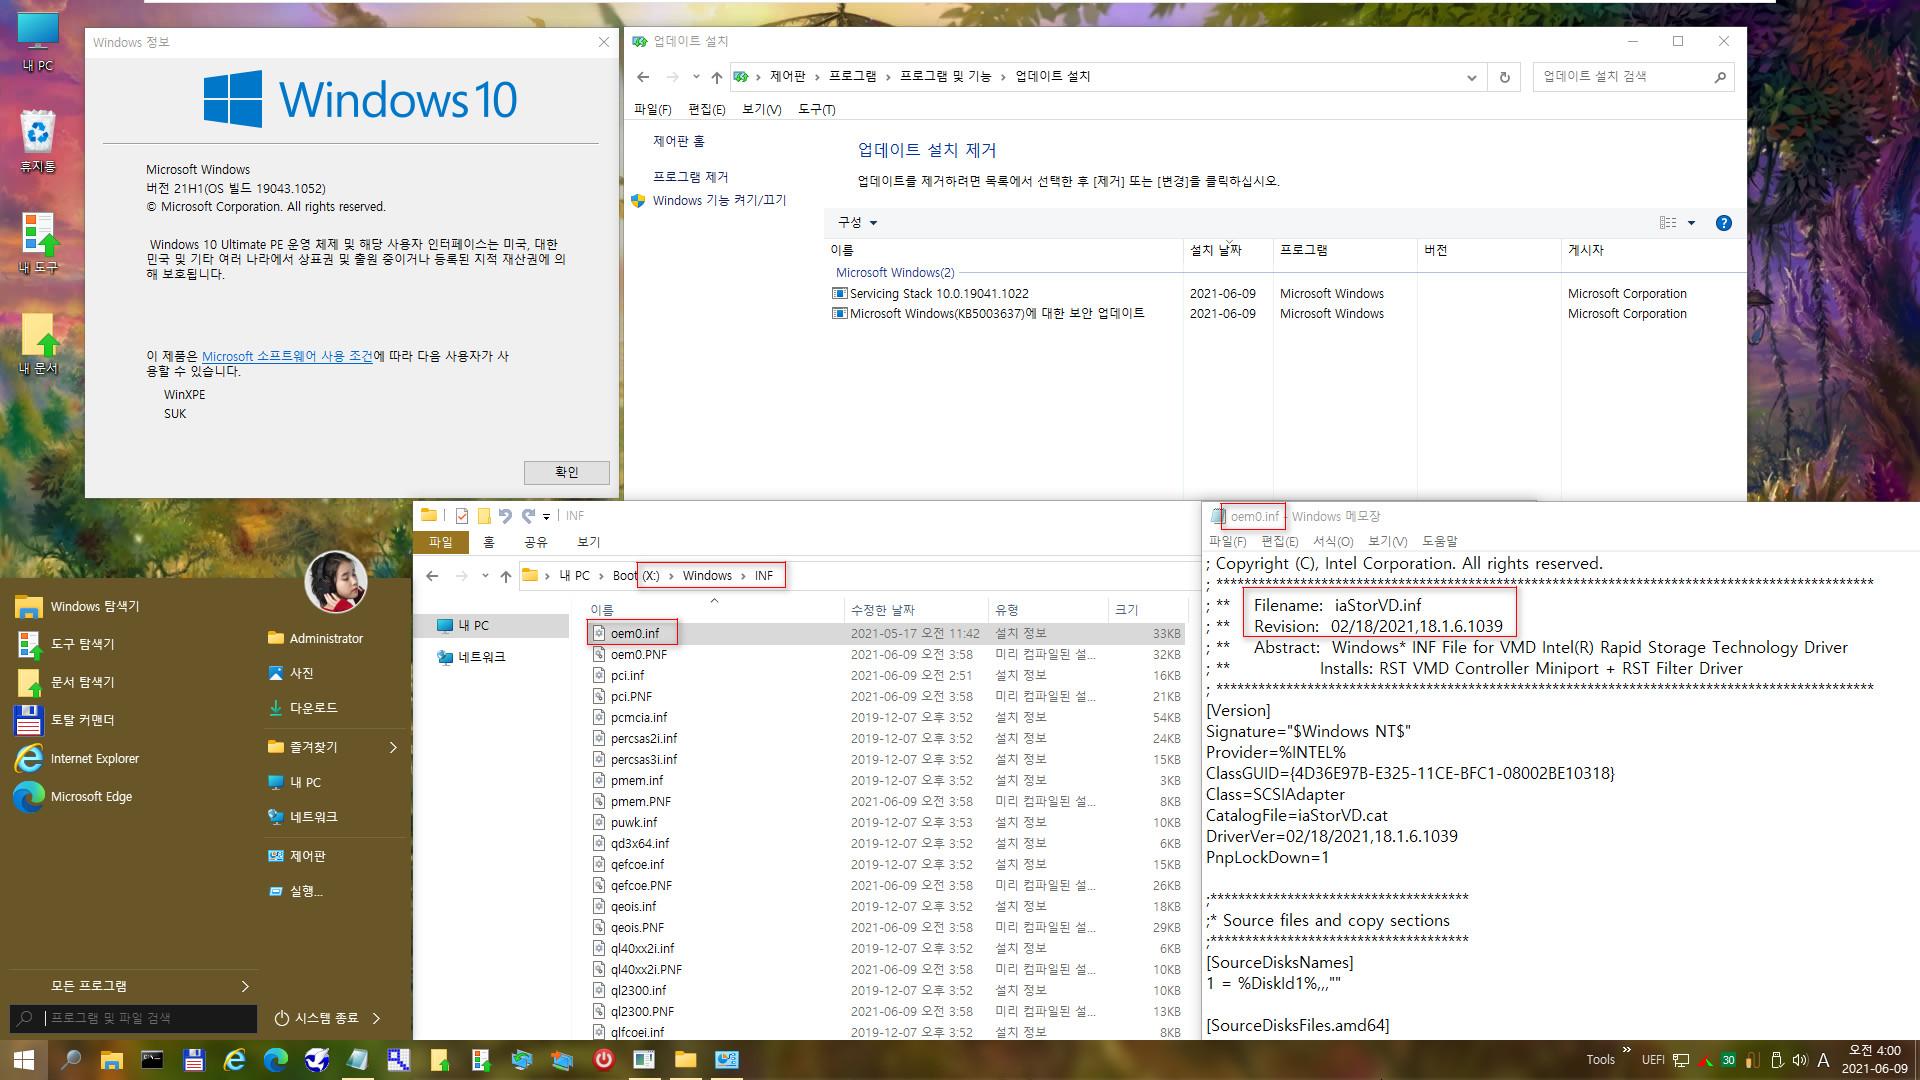 2021-06-09 수요일 정기 업데이트 - PRO x64 3개 버전 통합 - Windows 10 버전 2004, 빌드 19041.1052 + 버전 20H2, 빌드 19042.1052 + 버전 21H1, 빌드 19043.1052 - 공용 누적 업데이트 KB5003637 - 2021-06-09_040039.jpg